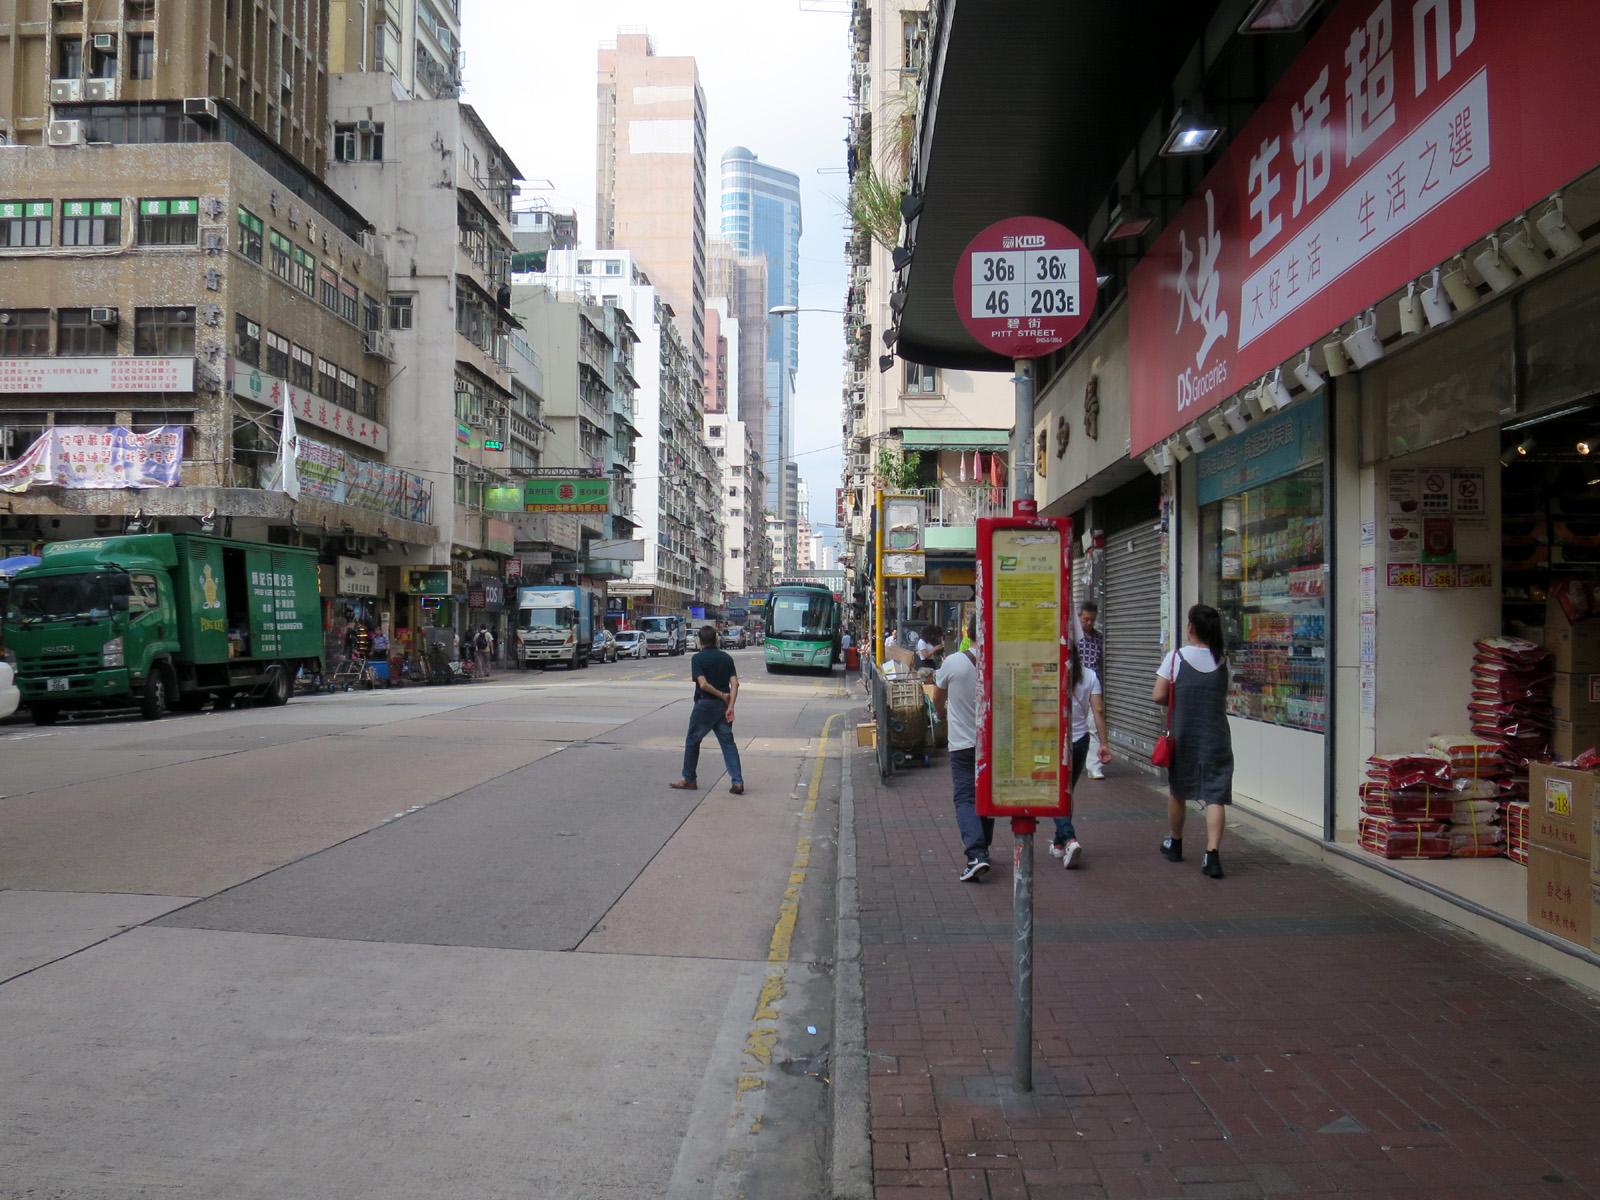 碧街 (上海街)